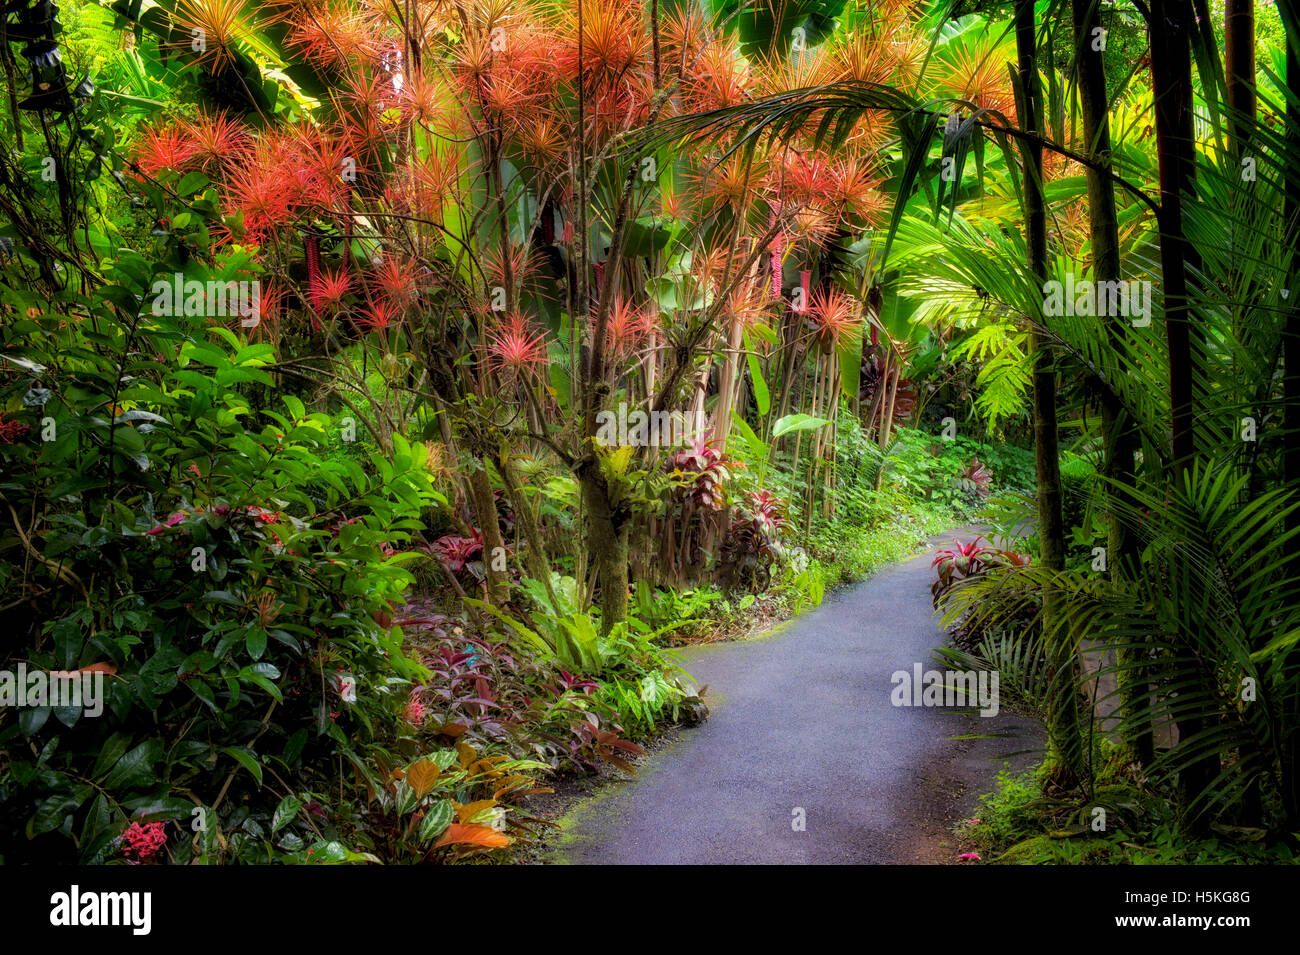 Weg in Hawaii Tropical Botanical Gardens. Hawaii, Big Island. Stockfoto